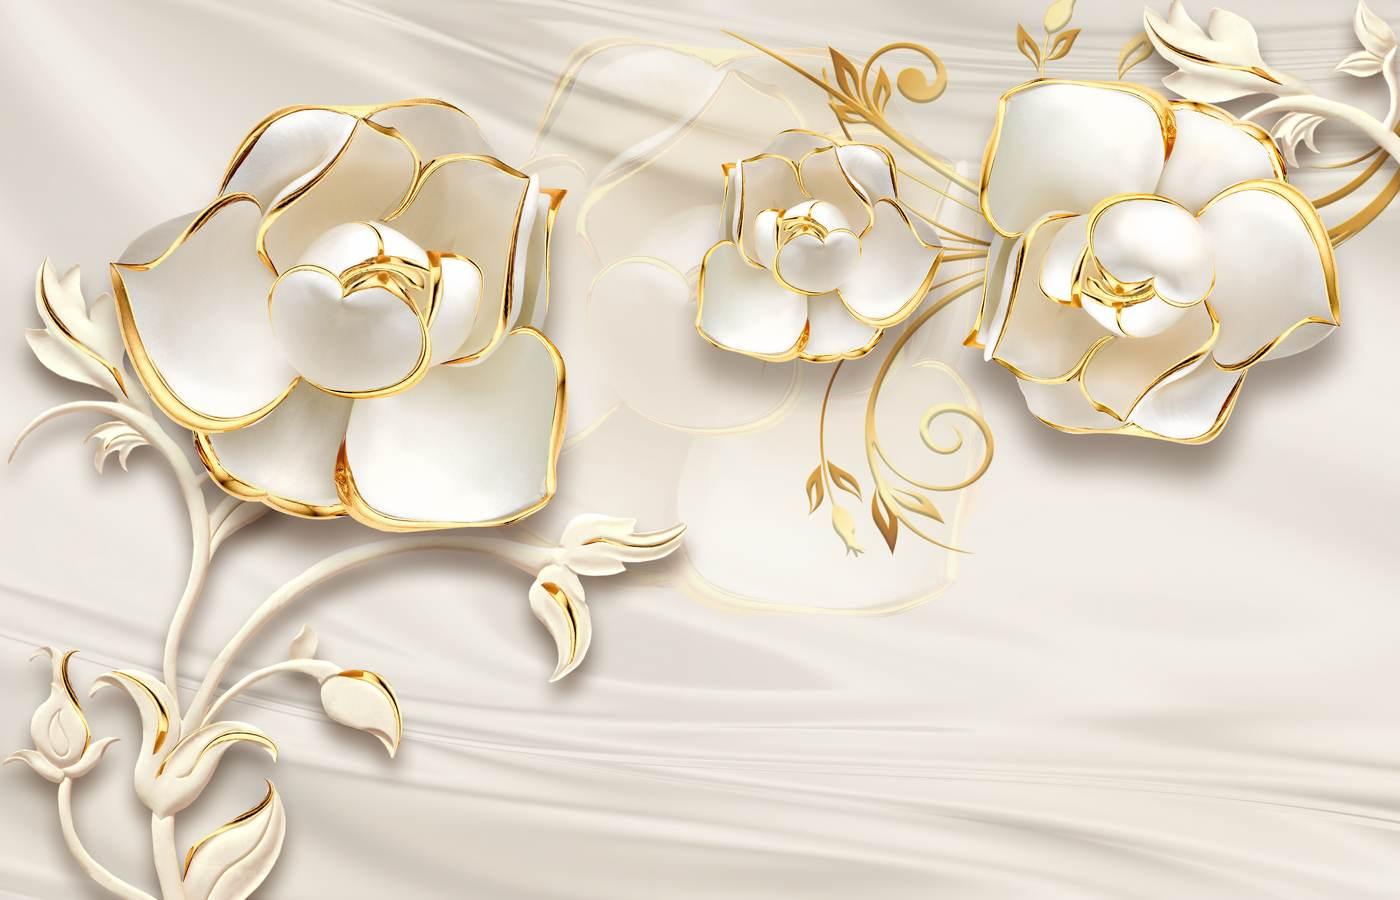 золоті 3д квіти 446756345